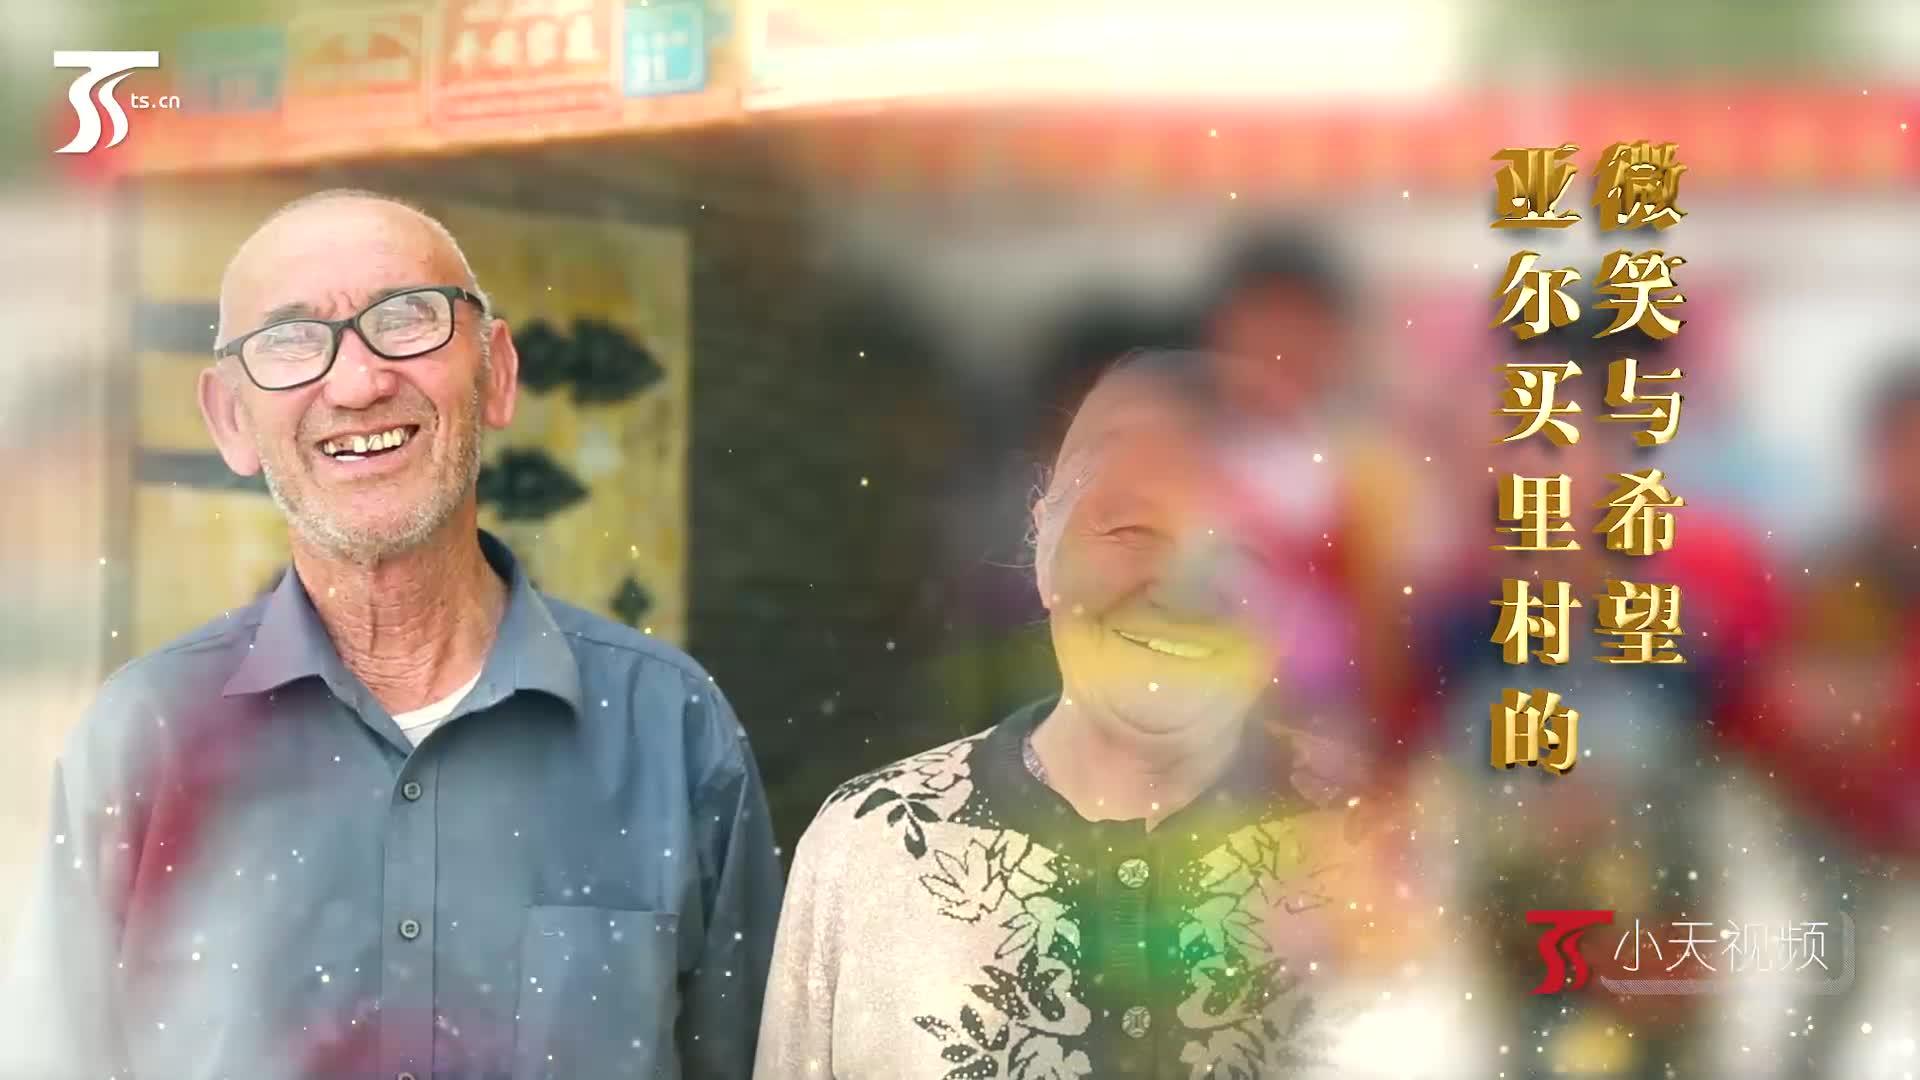 壮丽70年 奋斗新时代 亚尔买里村的微笑与希望